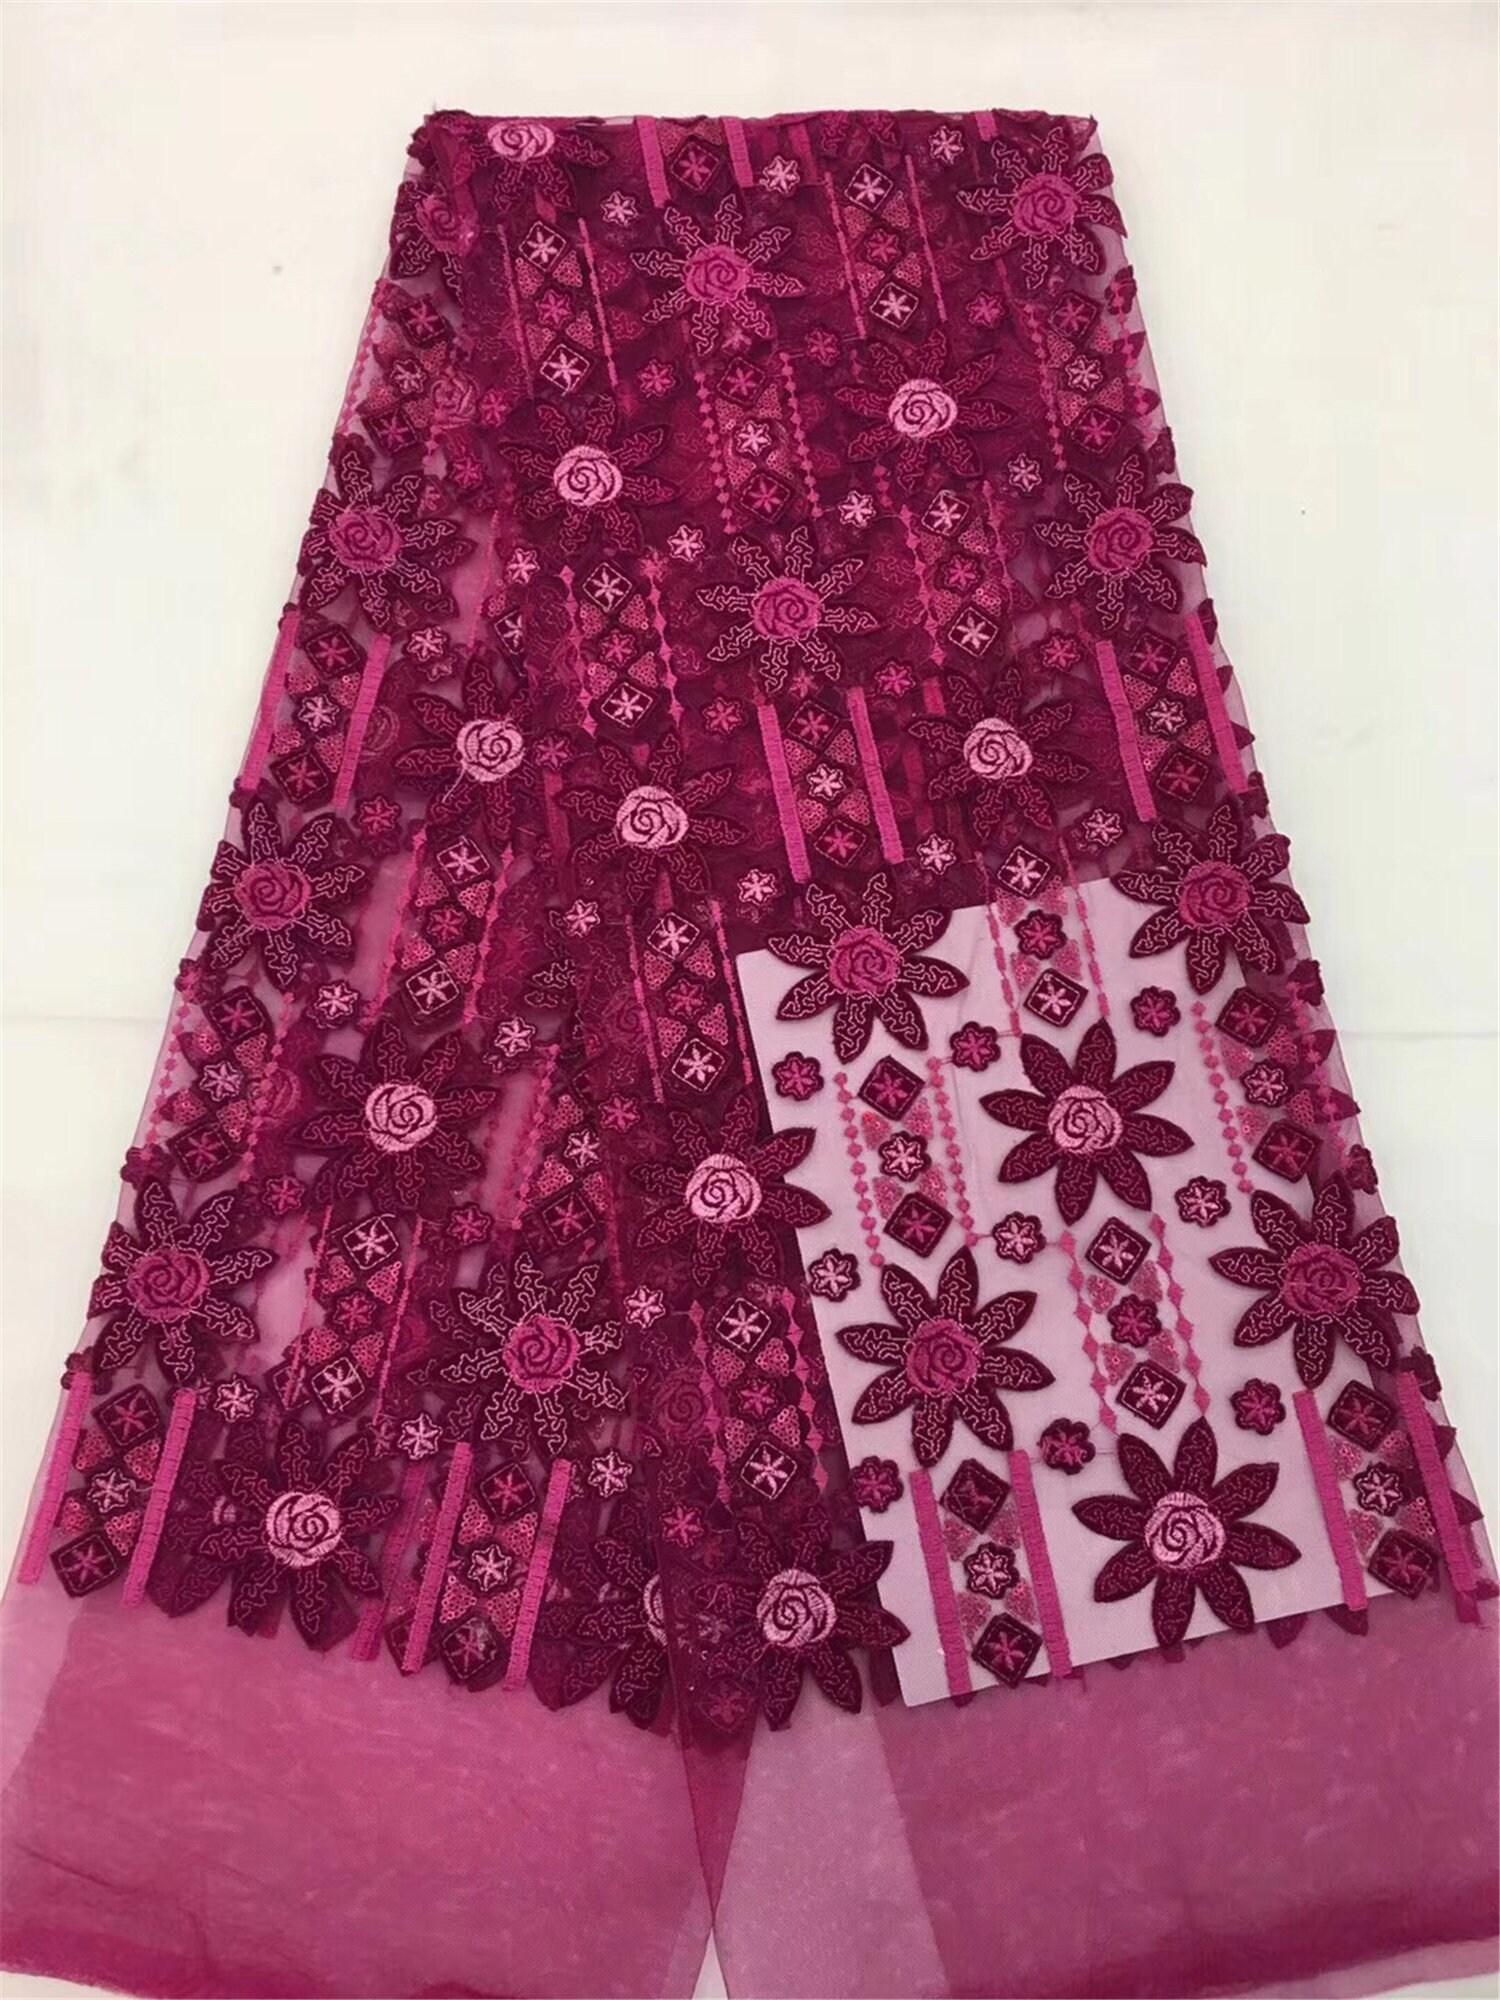 Livraison gratuite africain dentelle tissu 2018 qualité haute qualité 2018 Français velours dentelle tissu avec perles dentelle tissu pour mariage fête CD2671 a55aa5